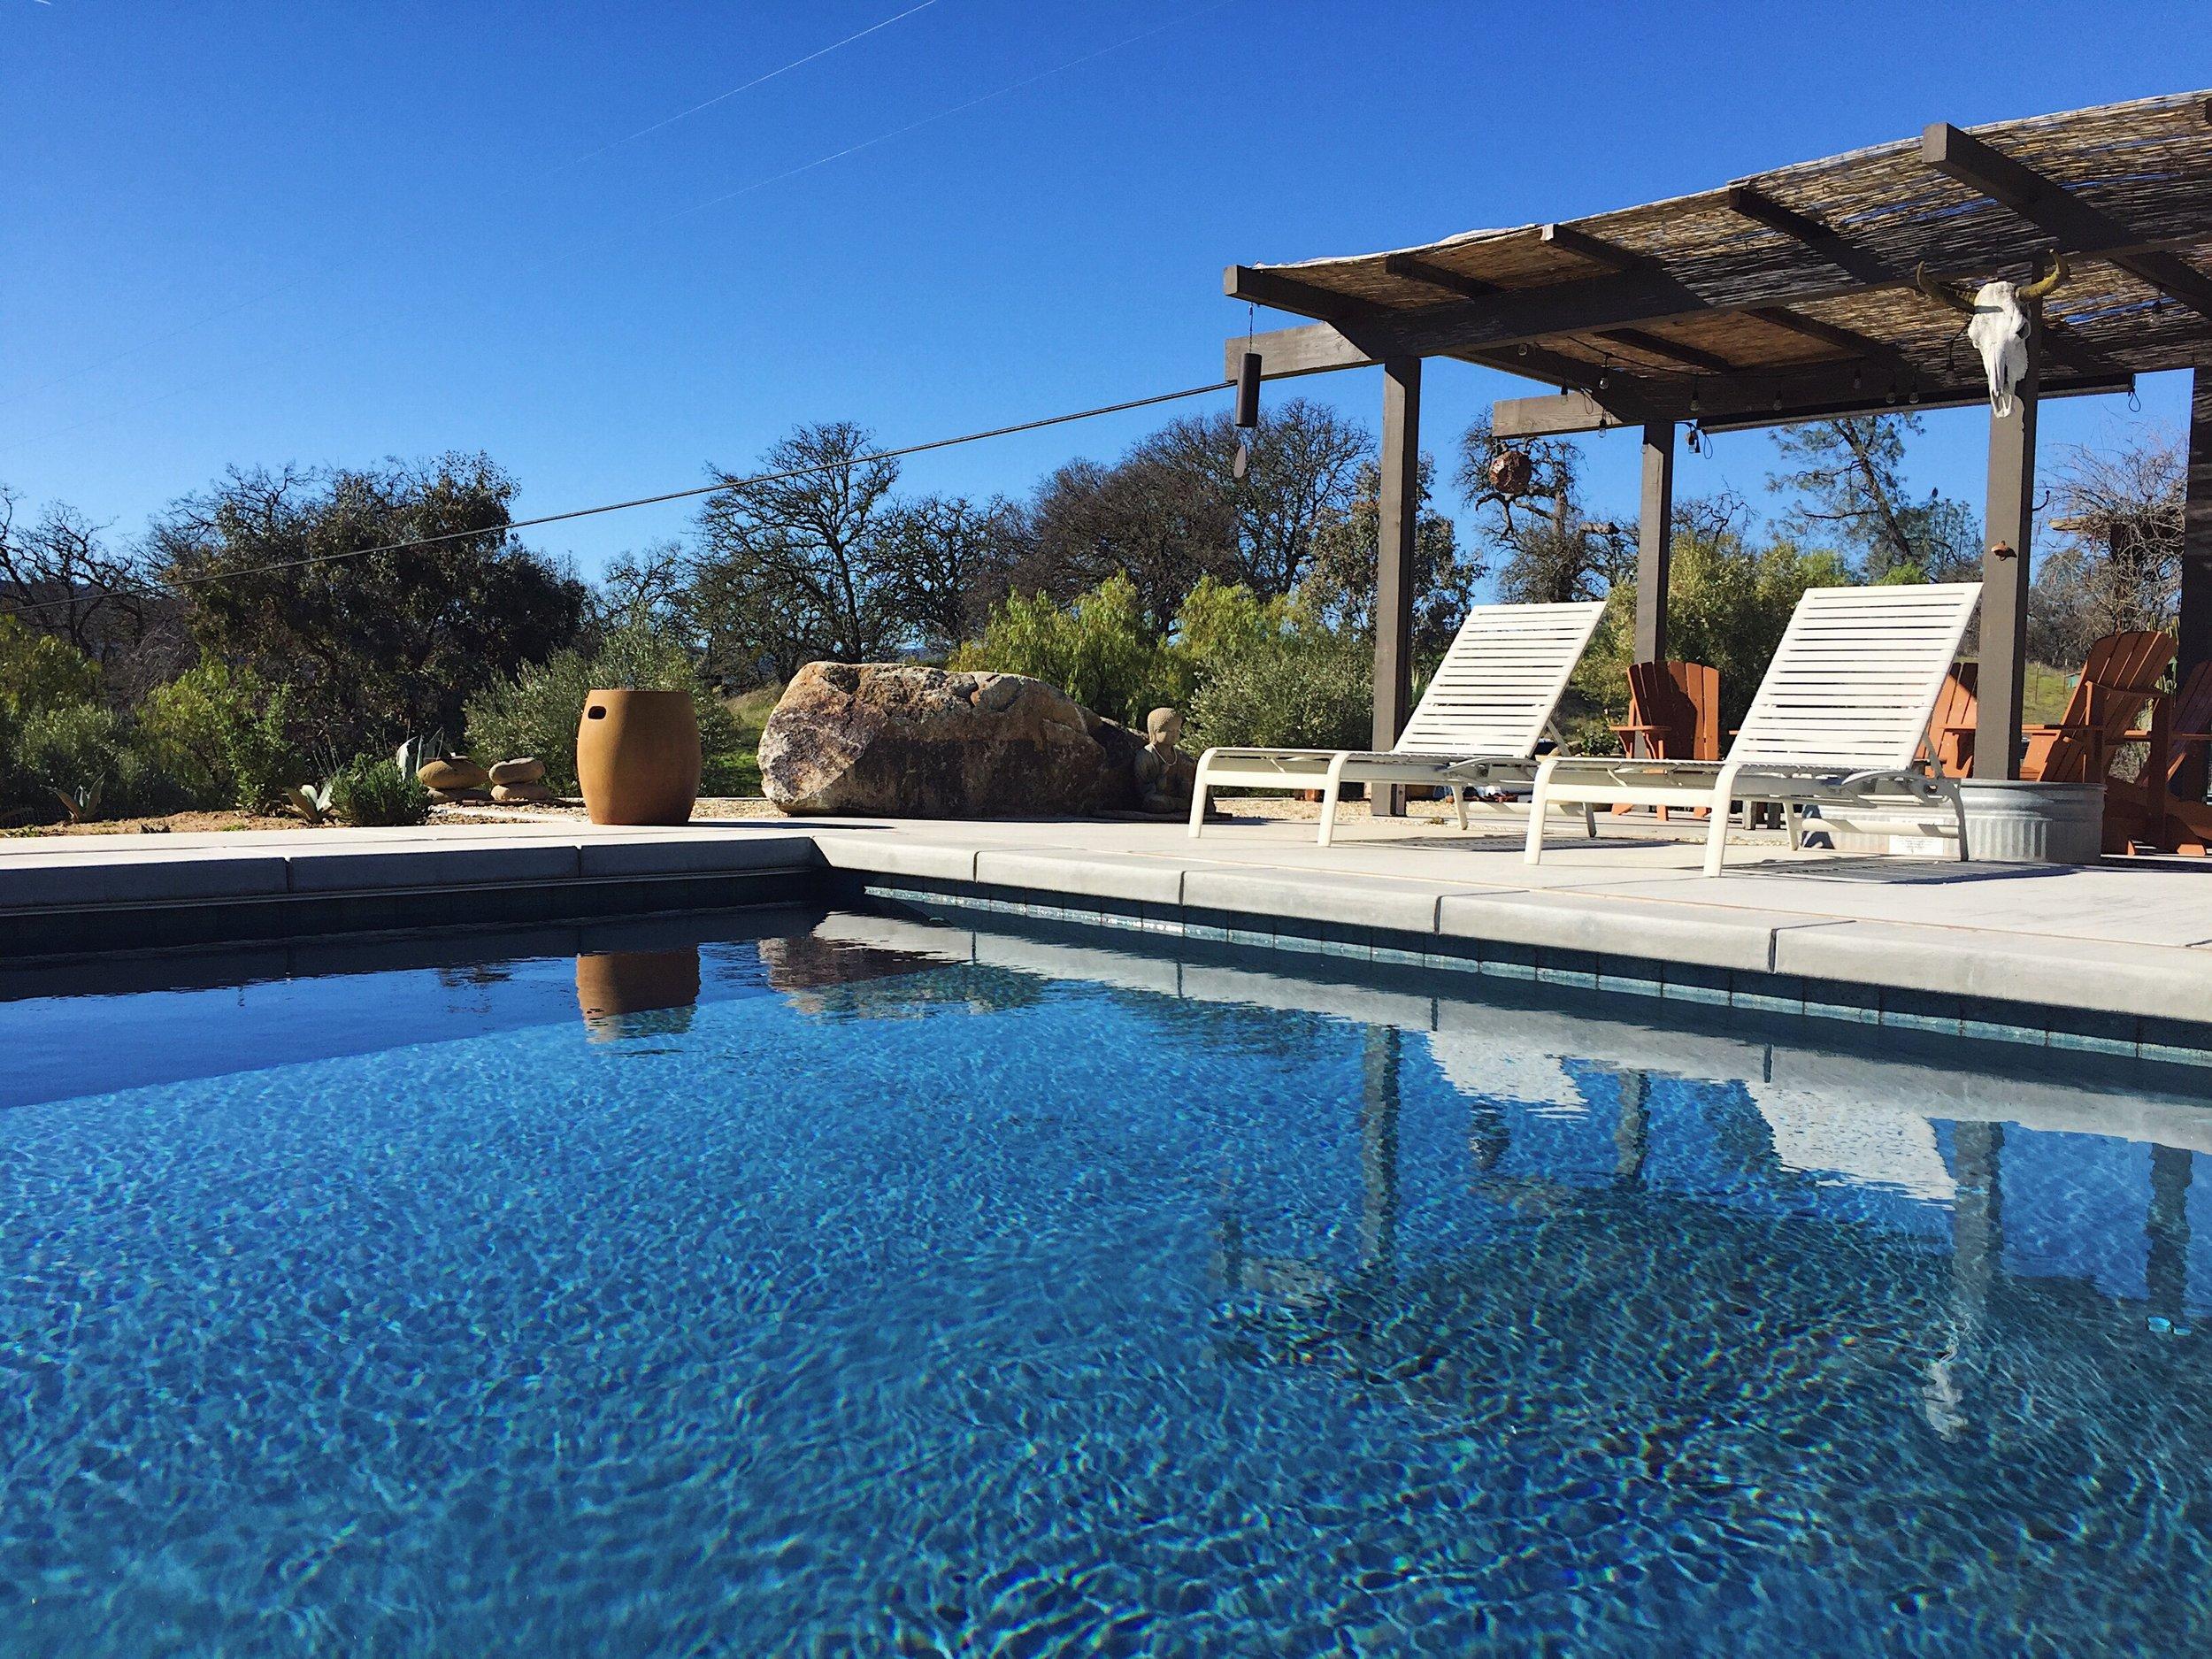 pool blue.jpg